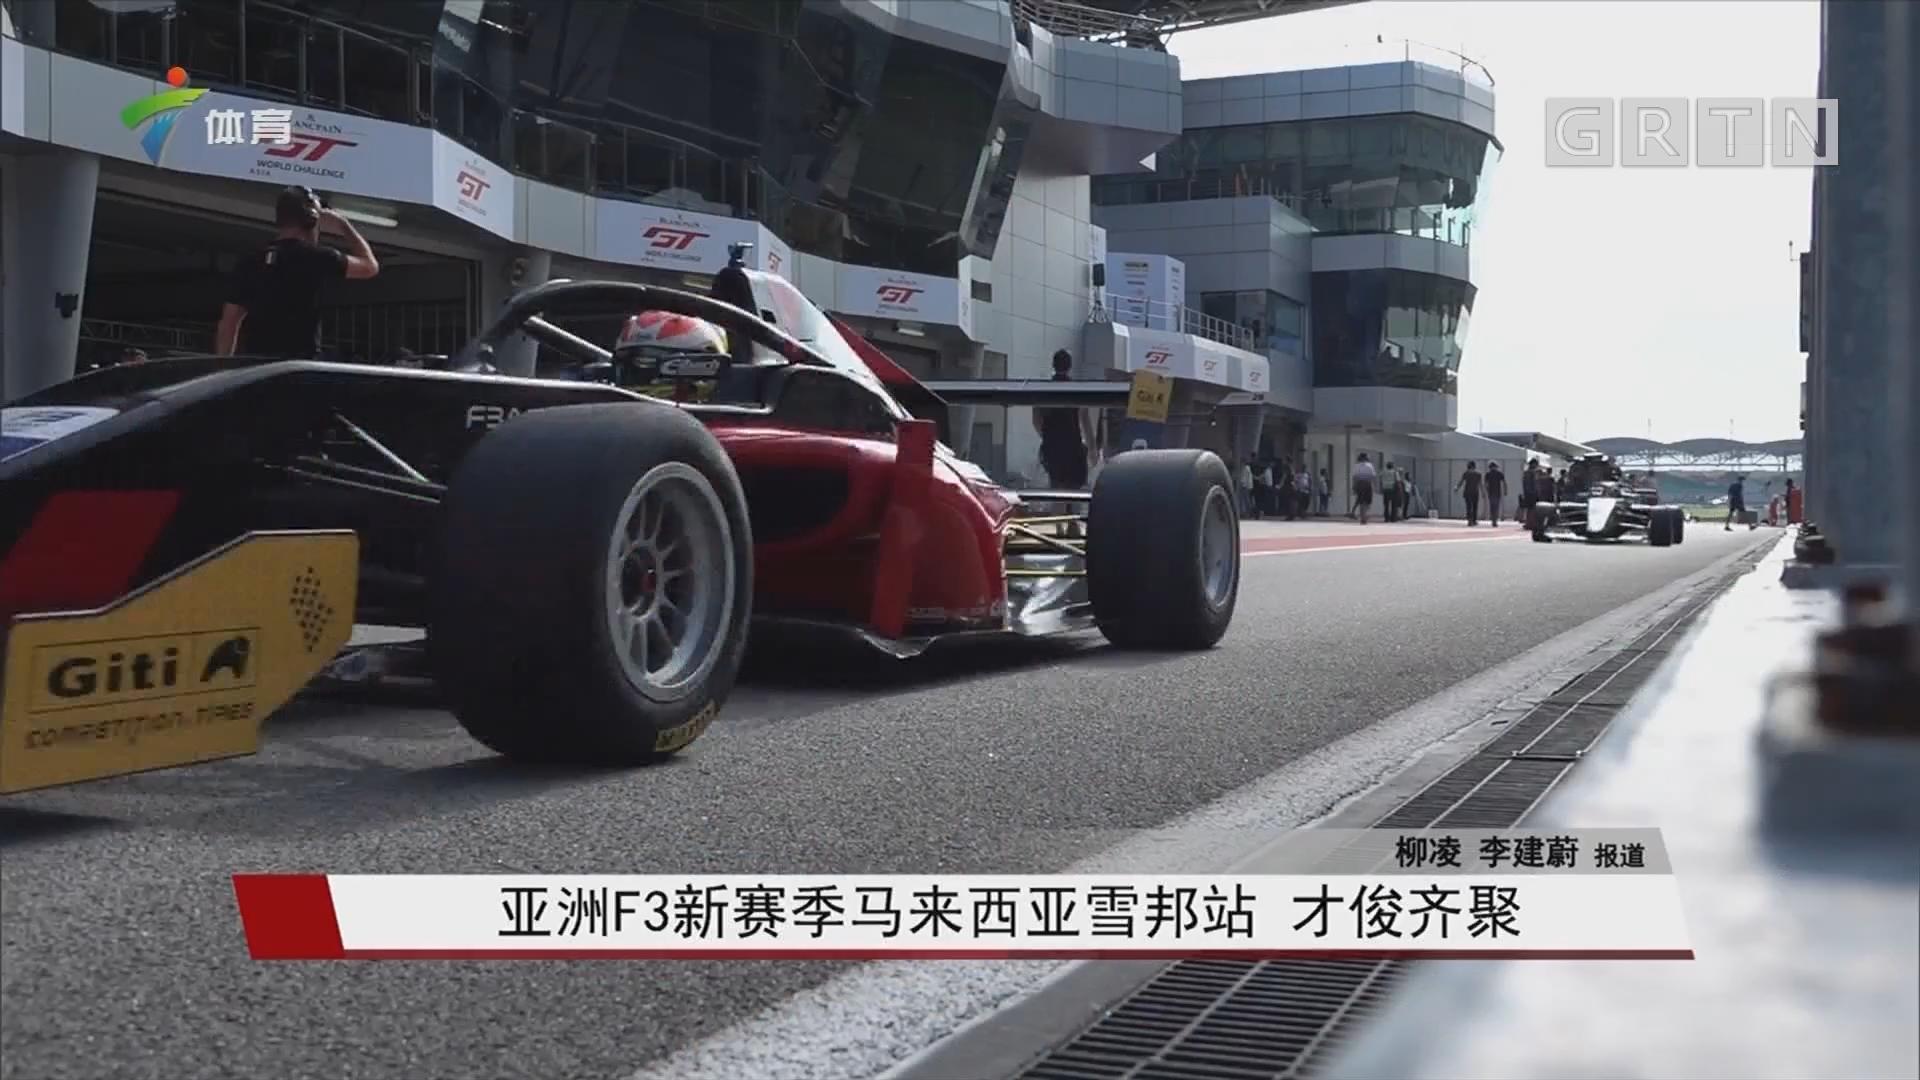 亚洲F3新赛季马来西亚雪邦站 才俊齐聚